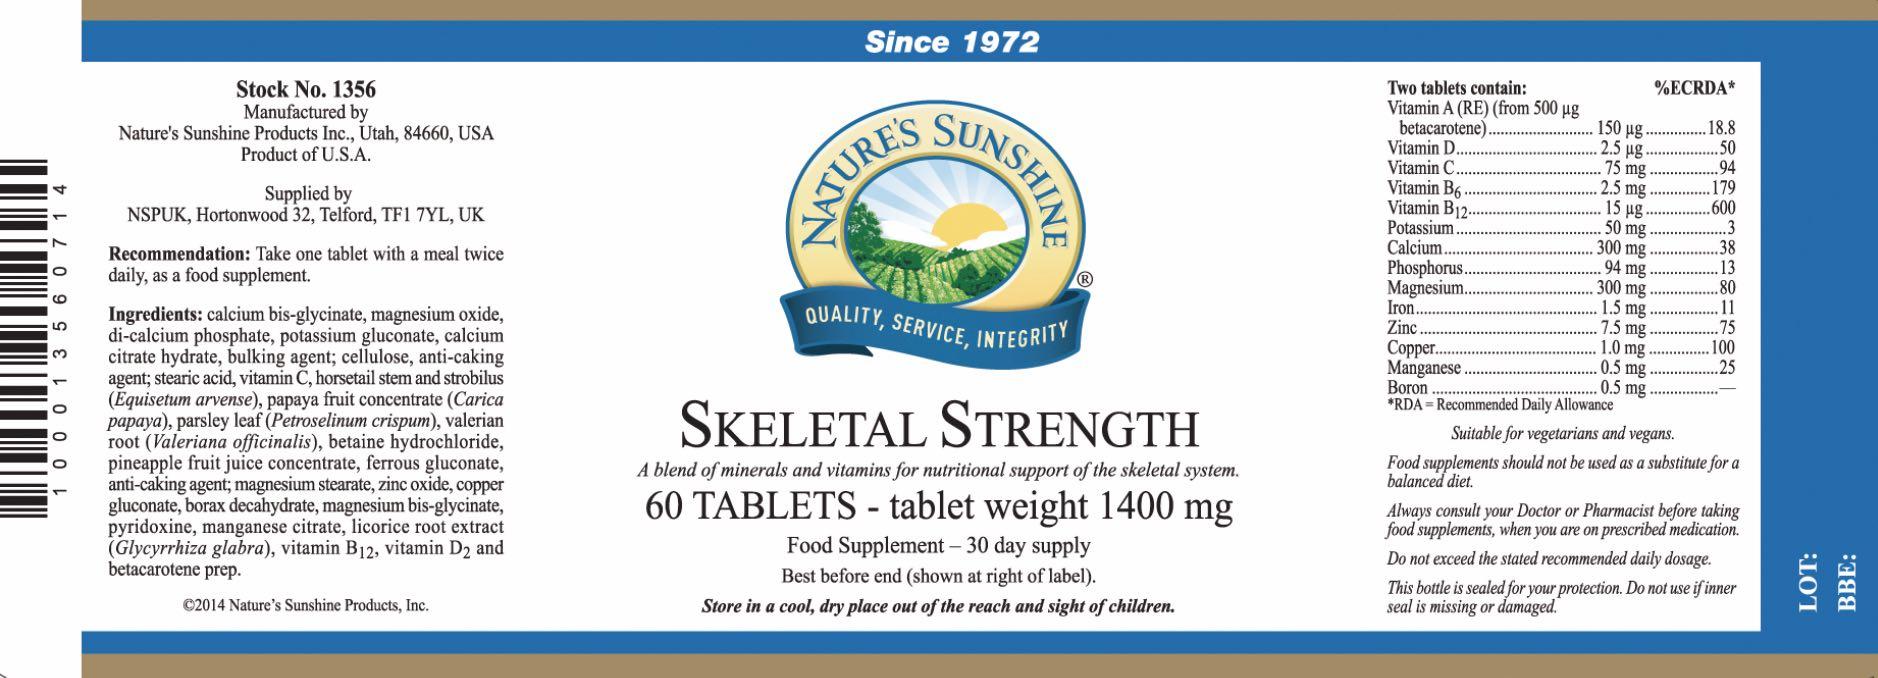 Nature's Sunshine - Skeletal Strength - Label